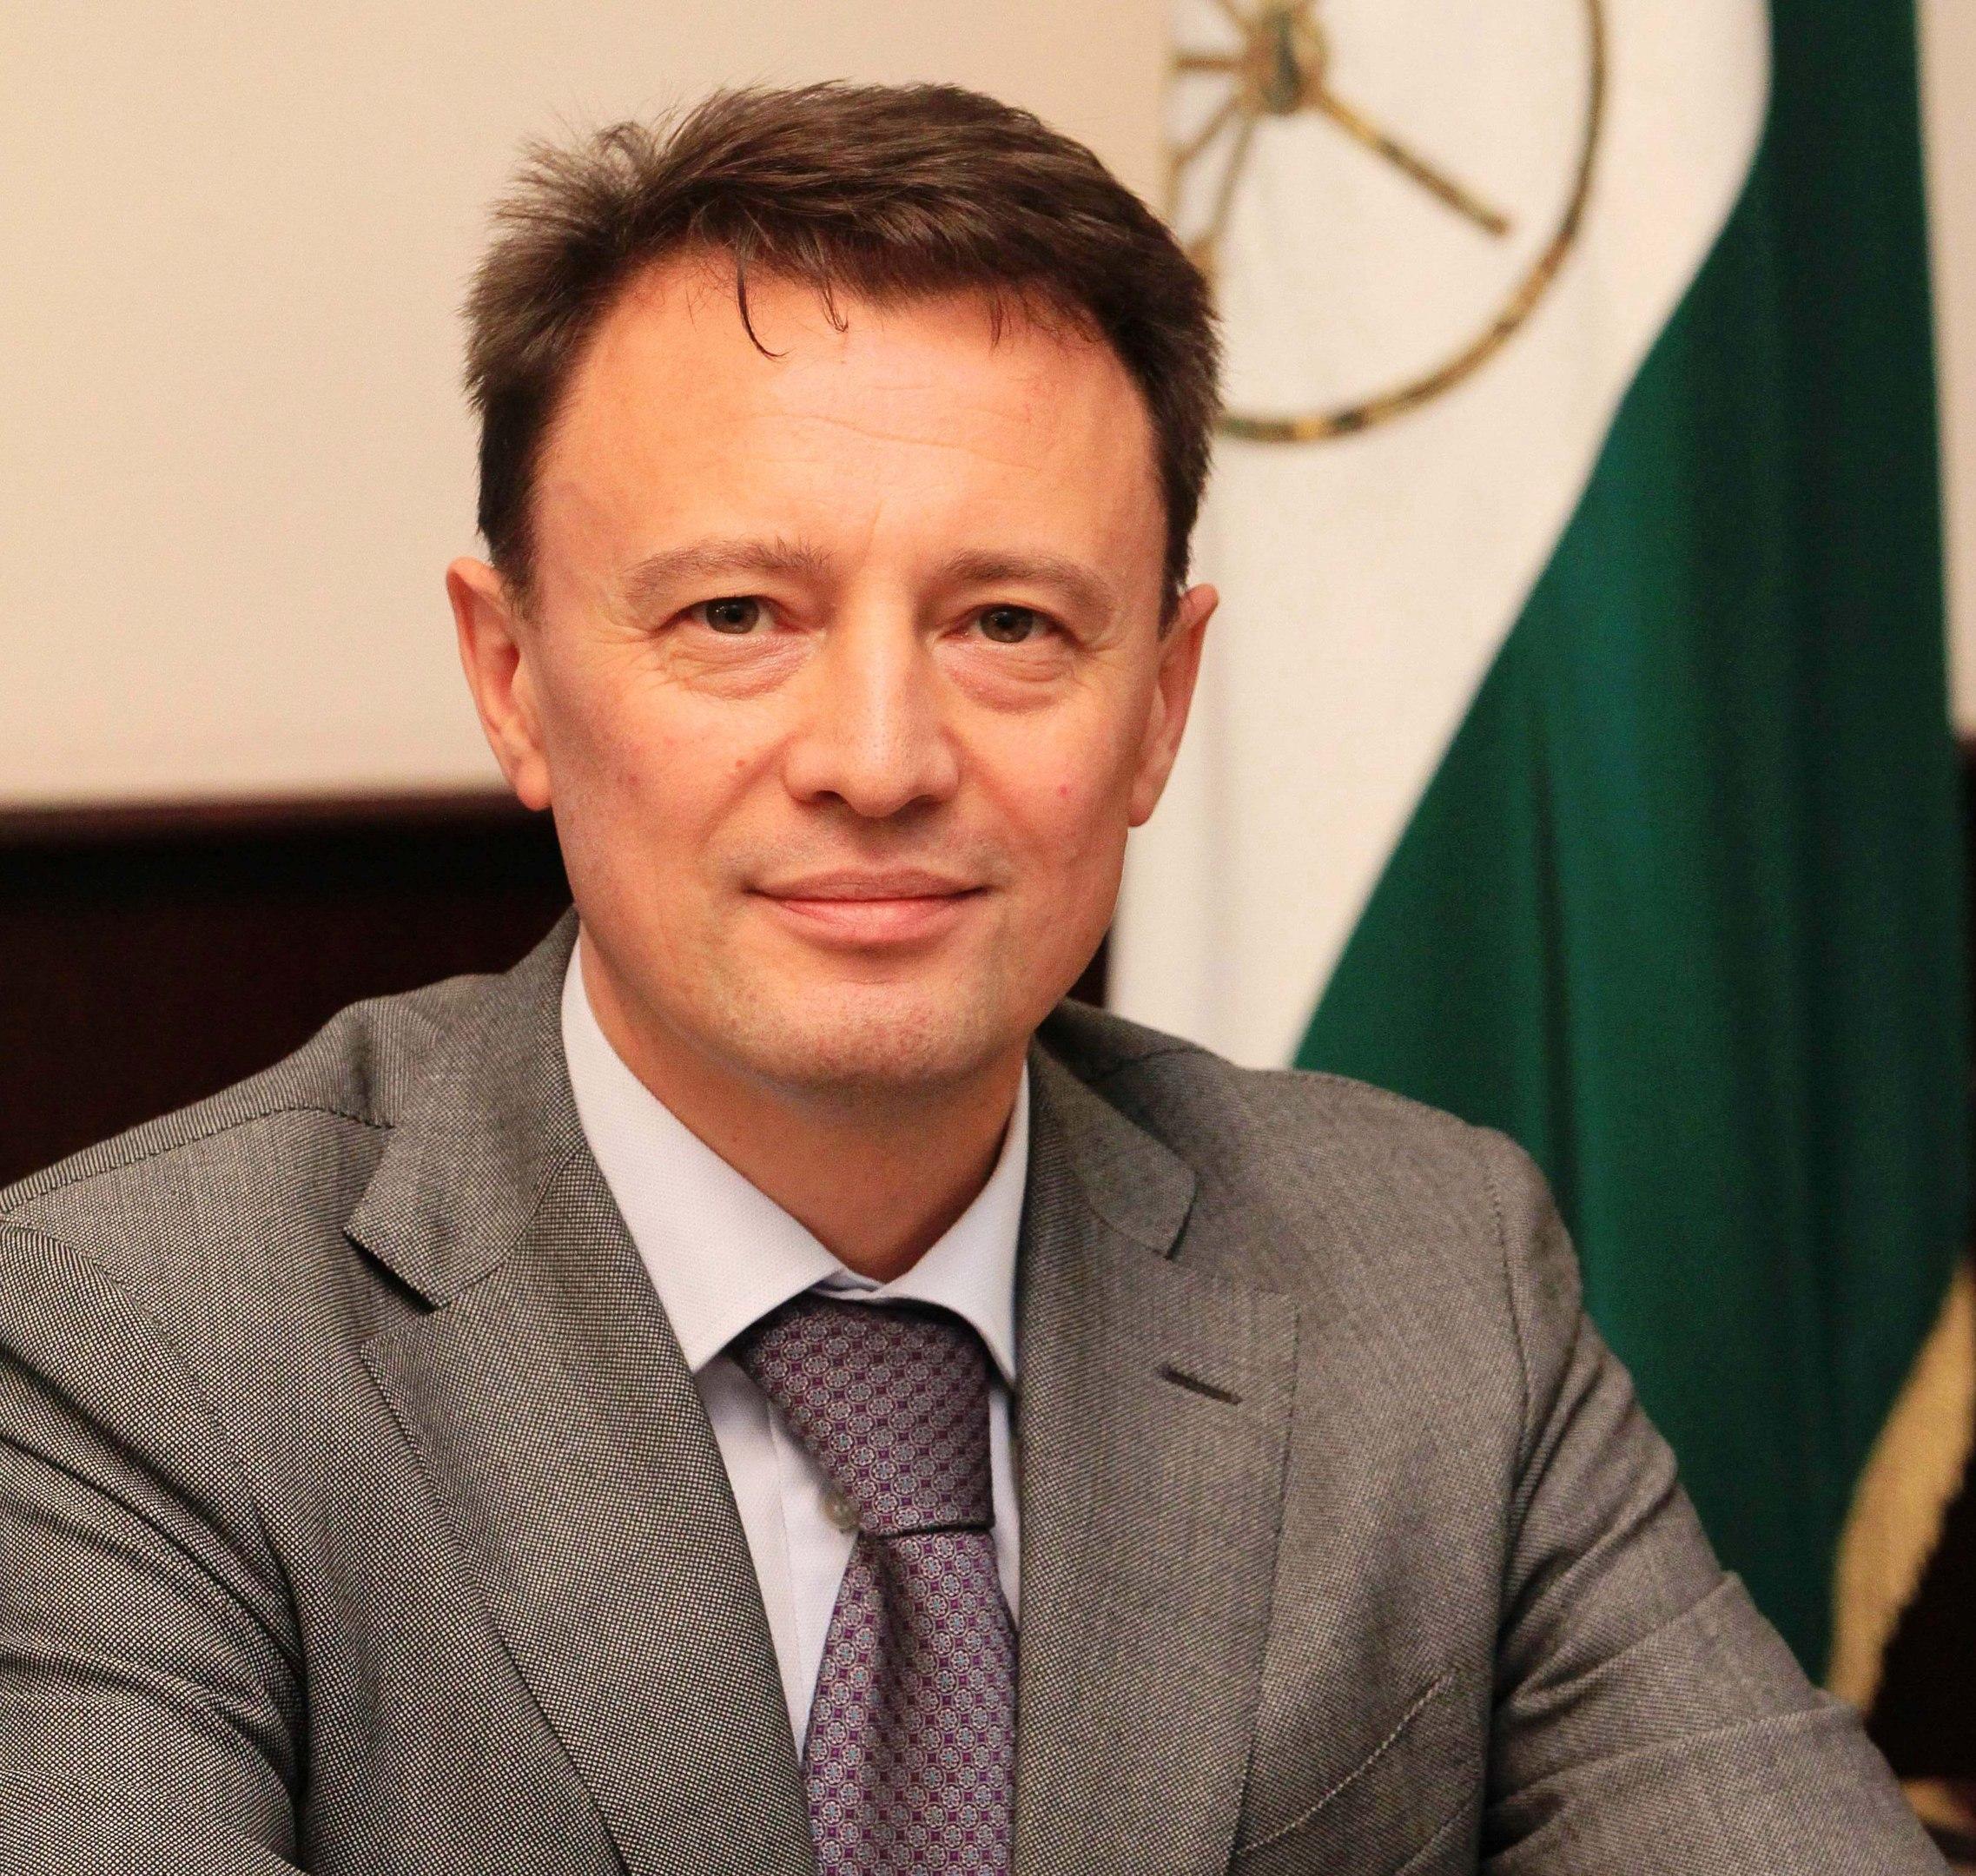 Полномочный представитель Республики Башкортостан при Президенте Российской Федерации Шайнуров Артур Альбертович